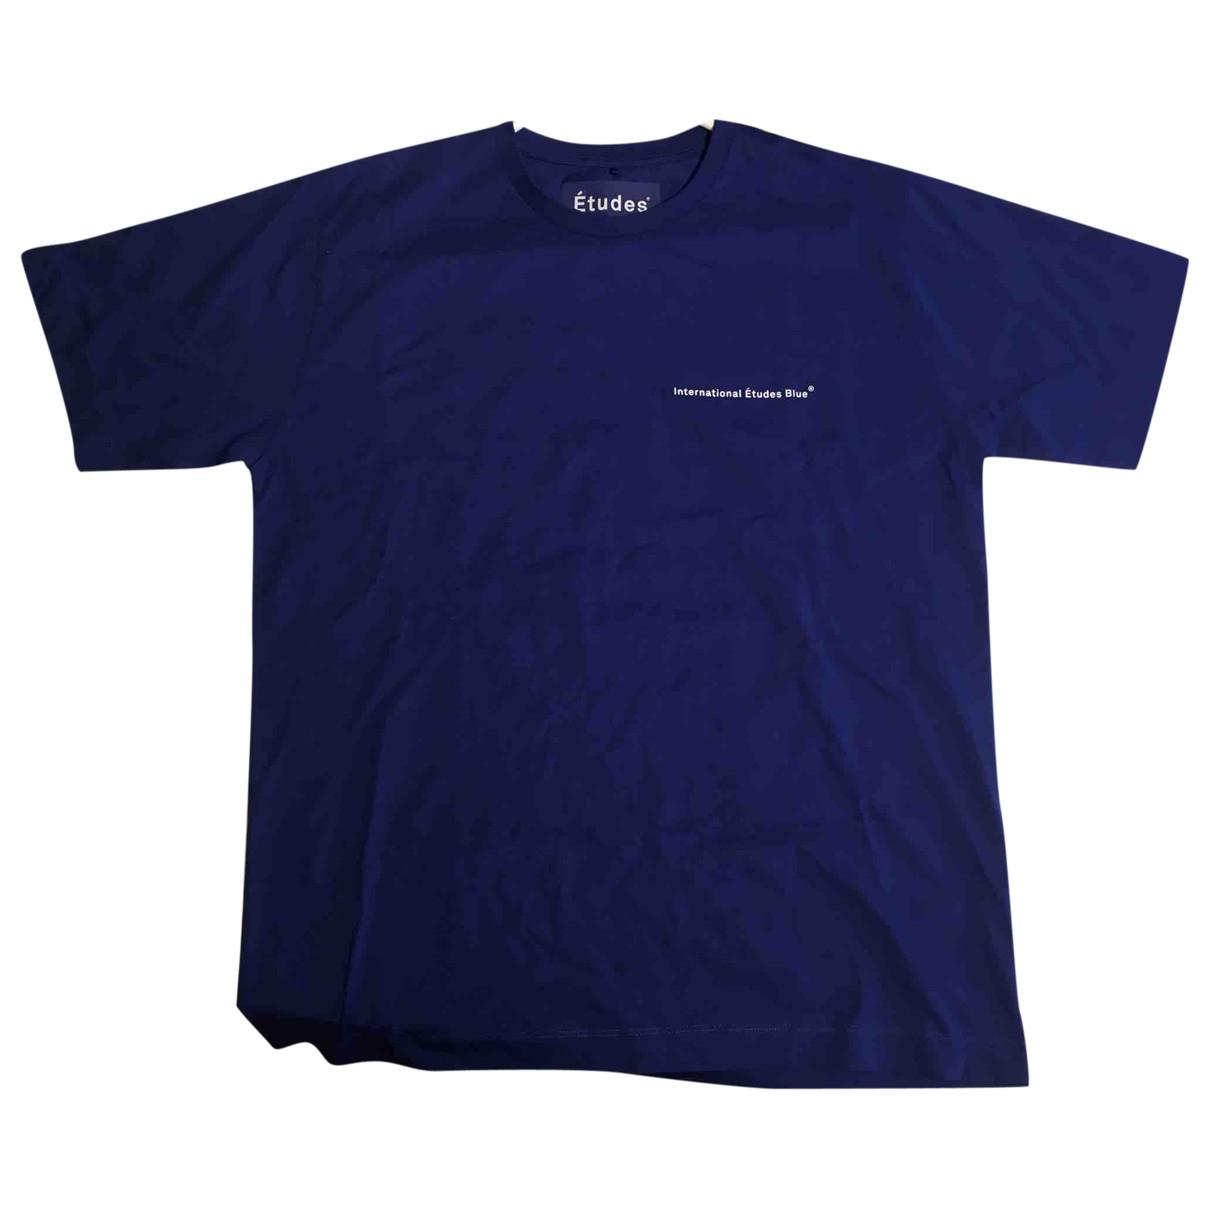 Camiseta Etudes Studio